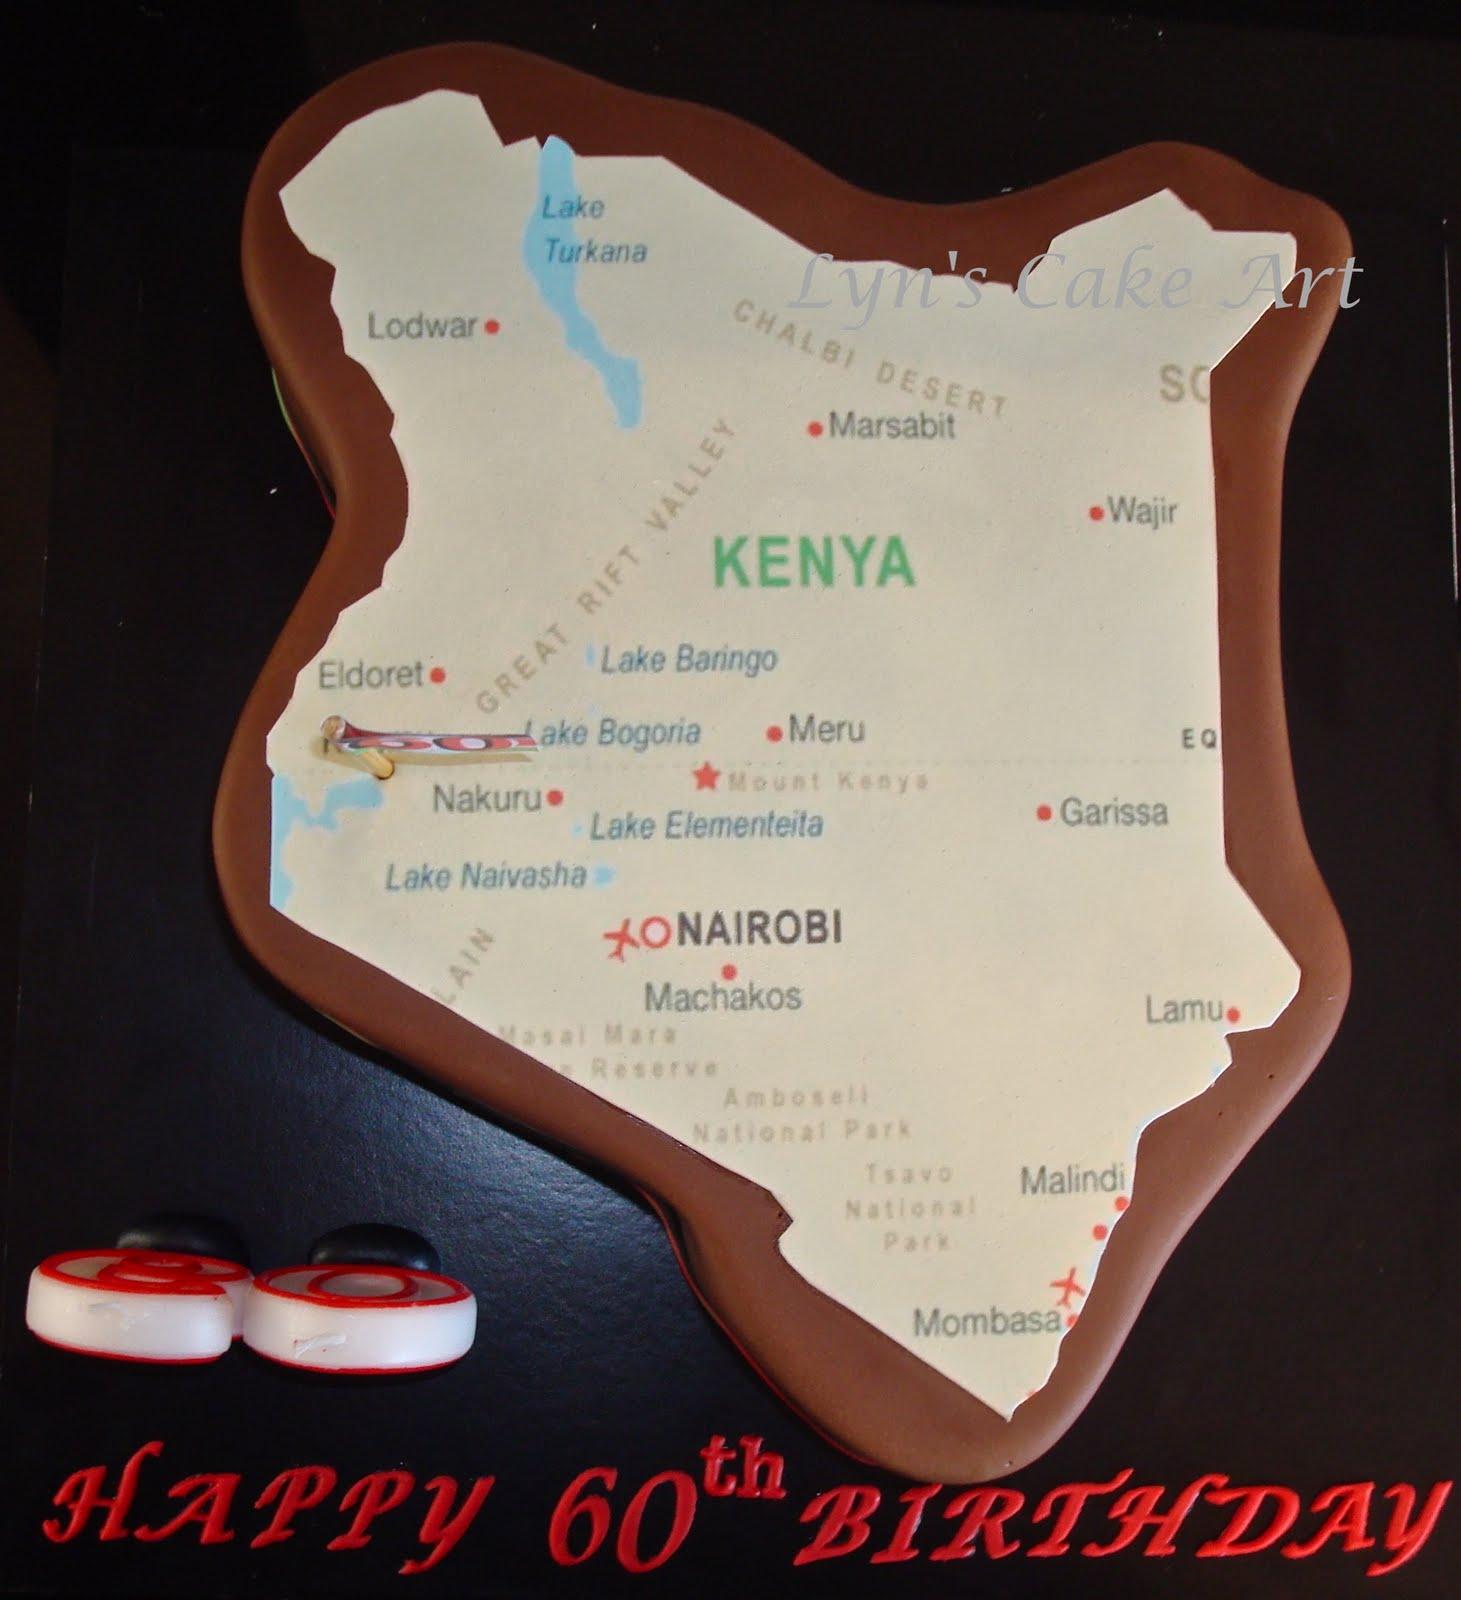 Cake Art Kenya